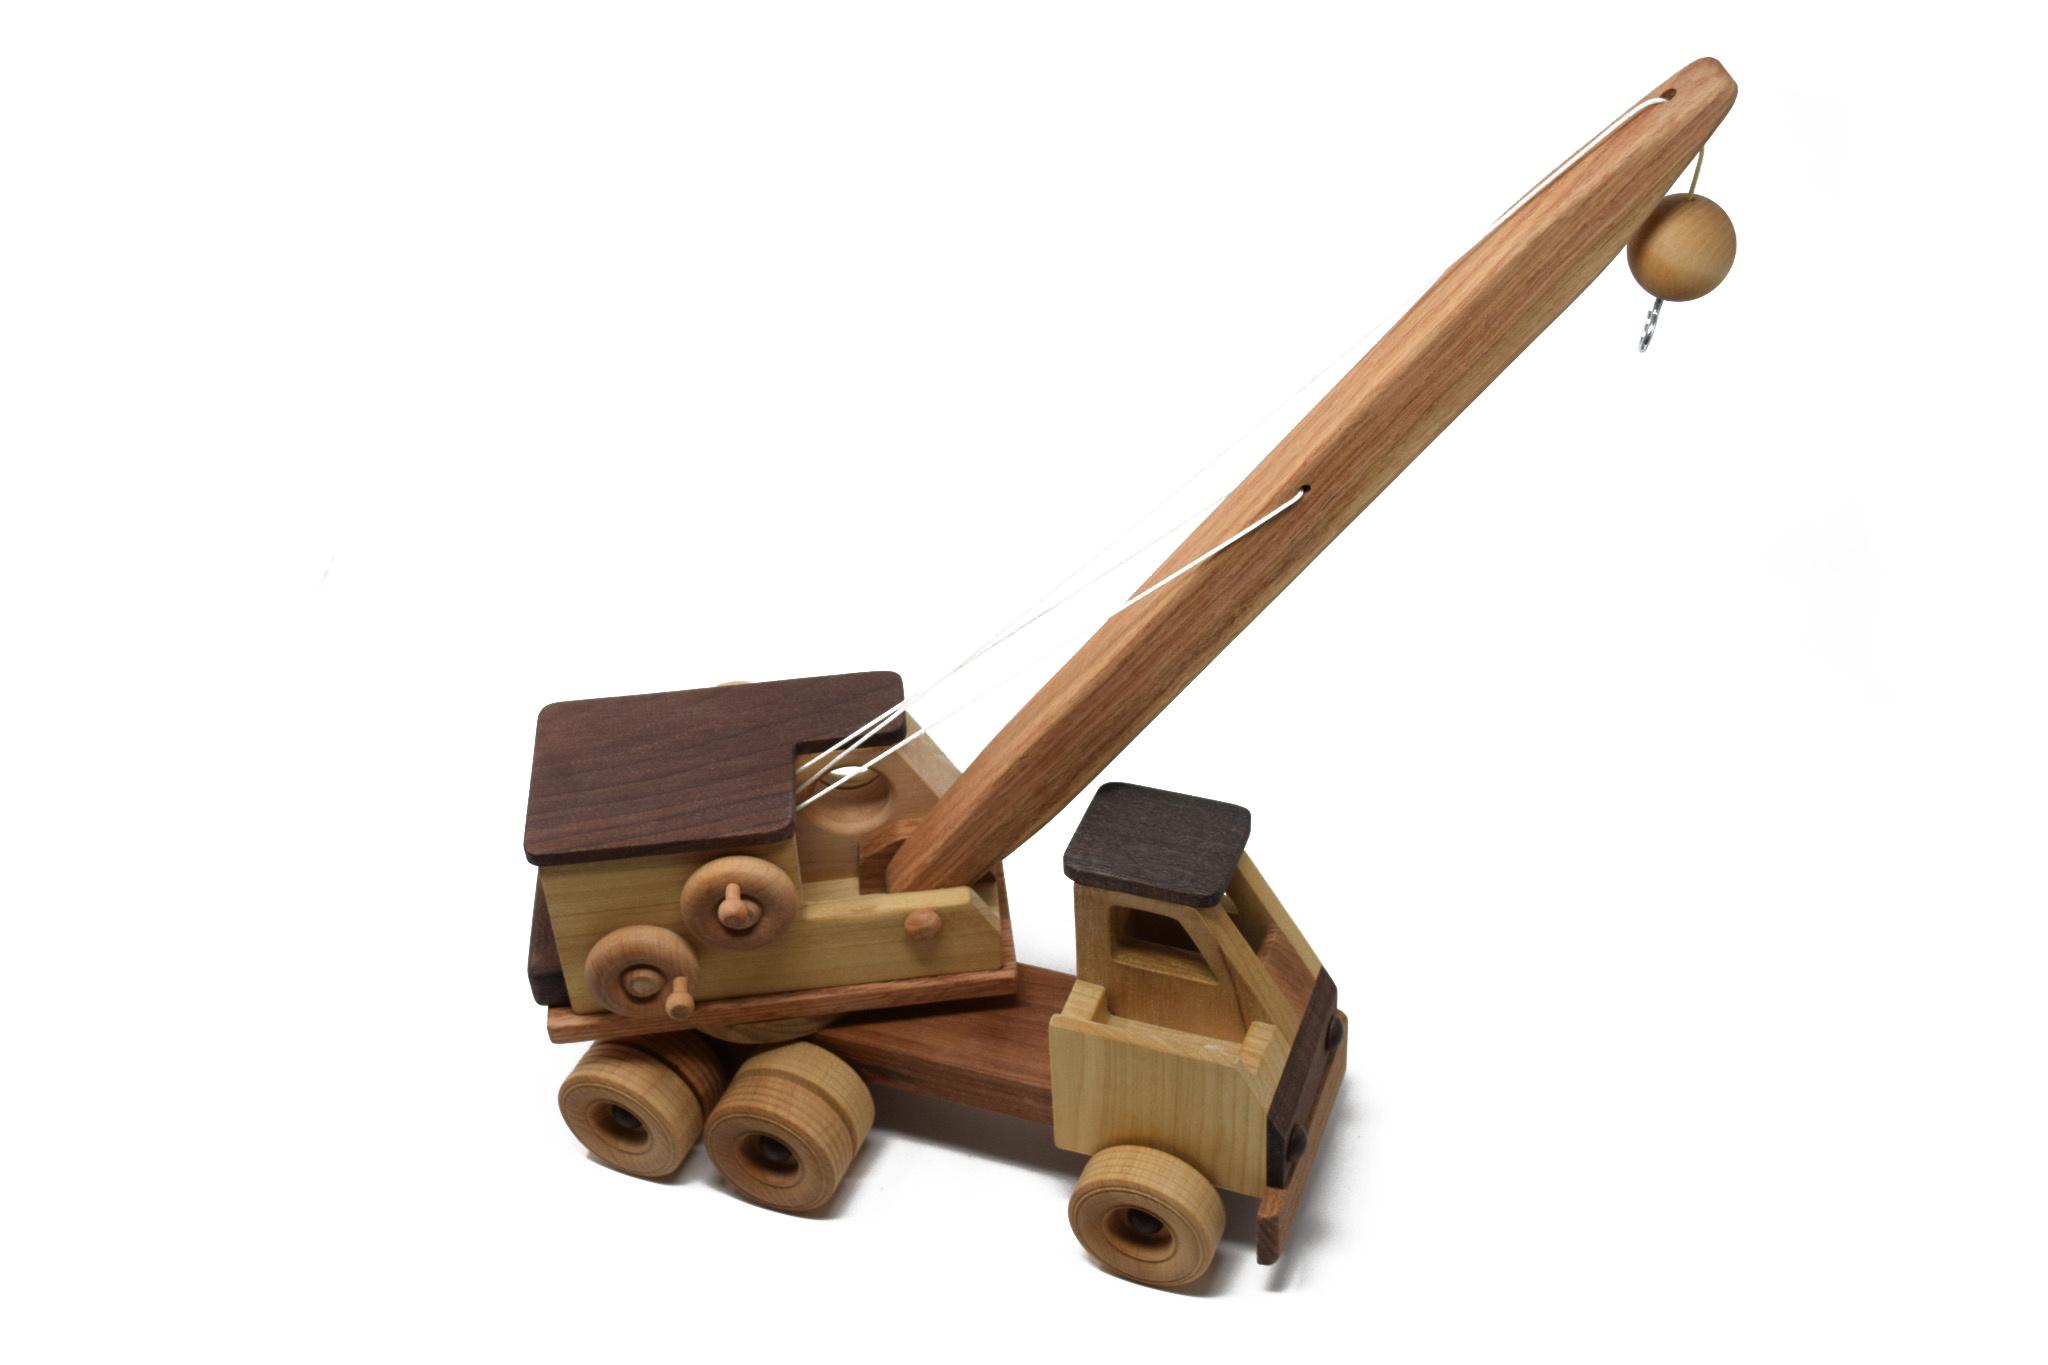 Wooden Toy Crane-1